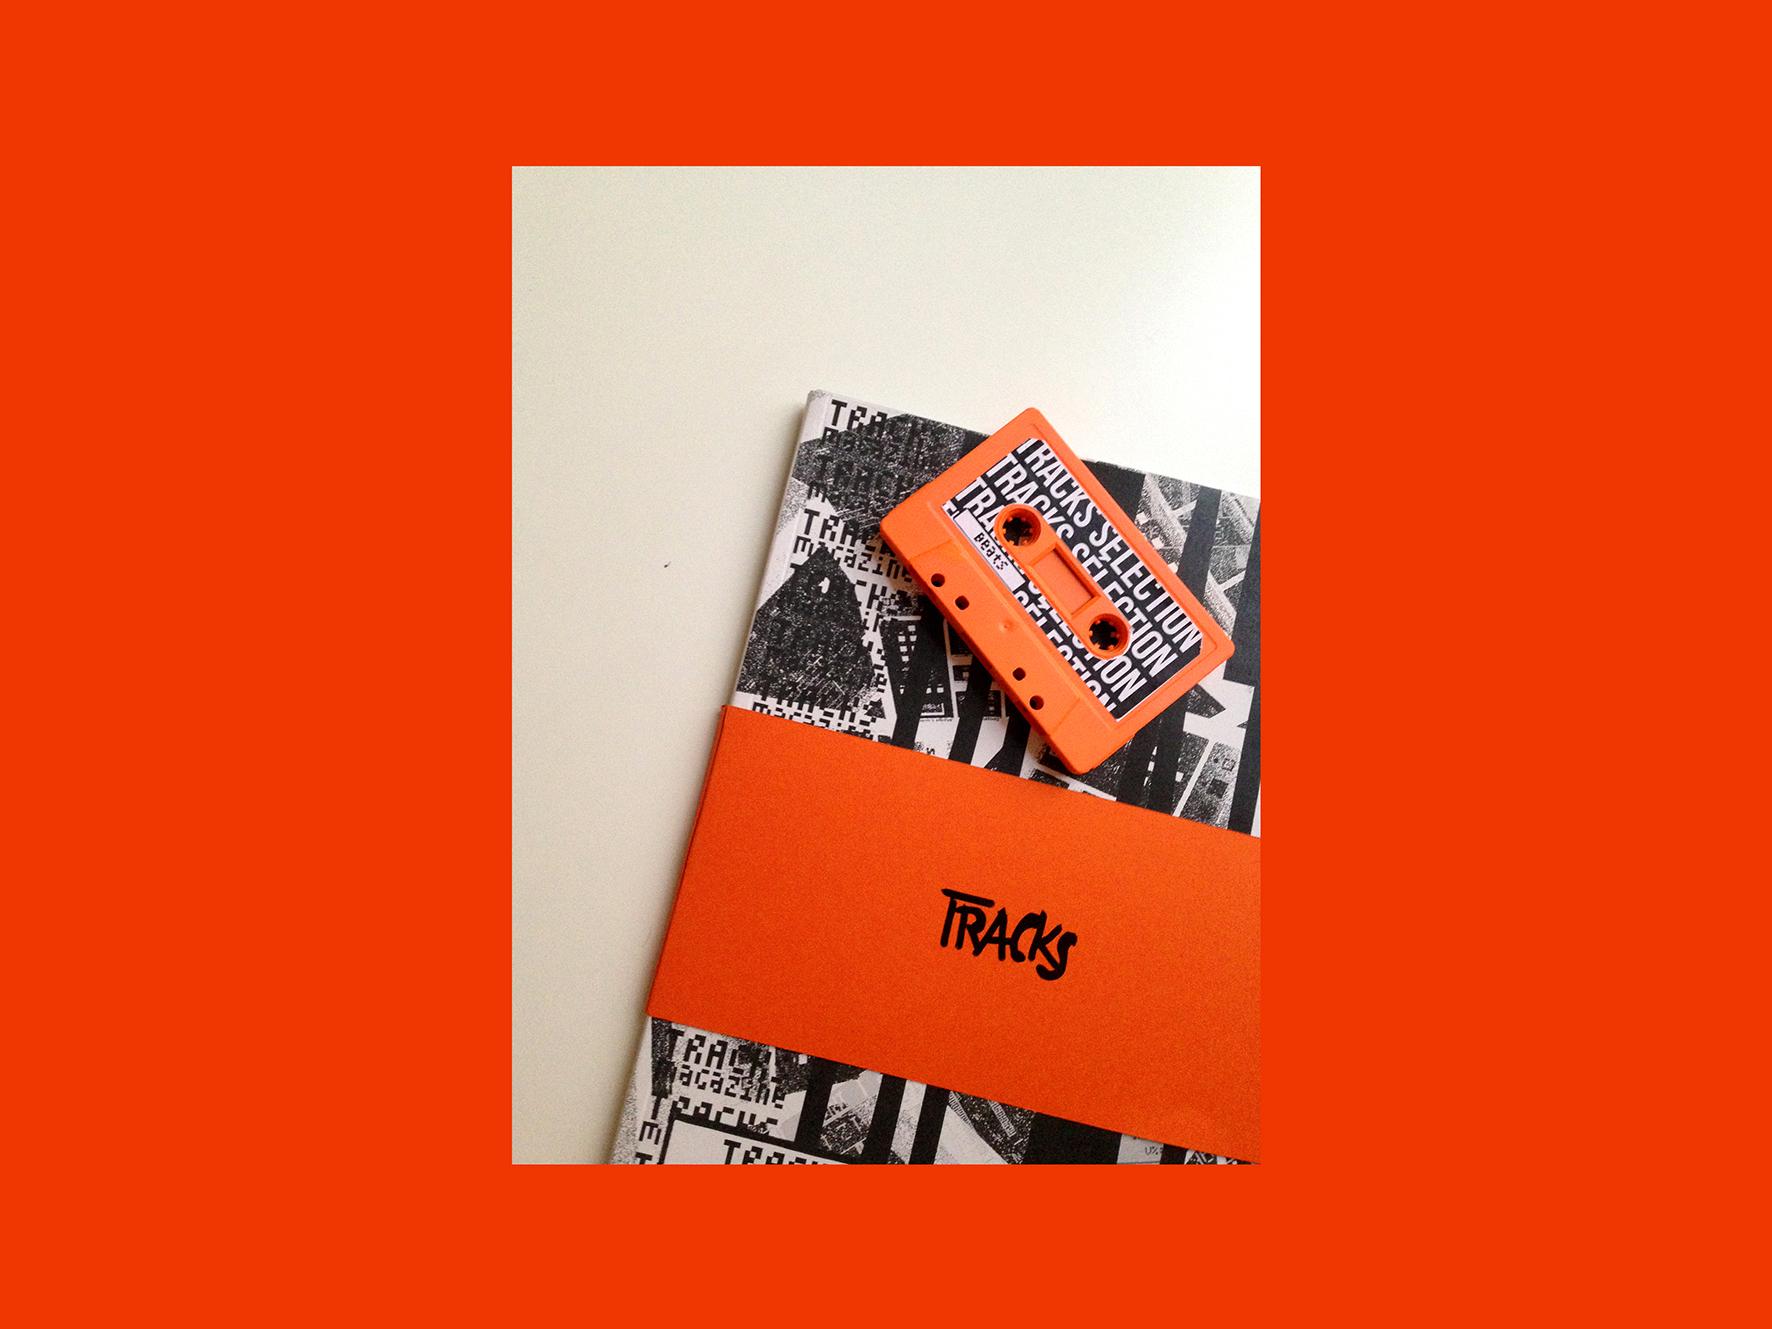 Tracks Magazine Hors Série